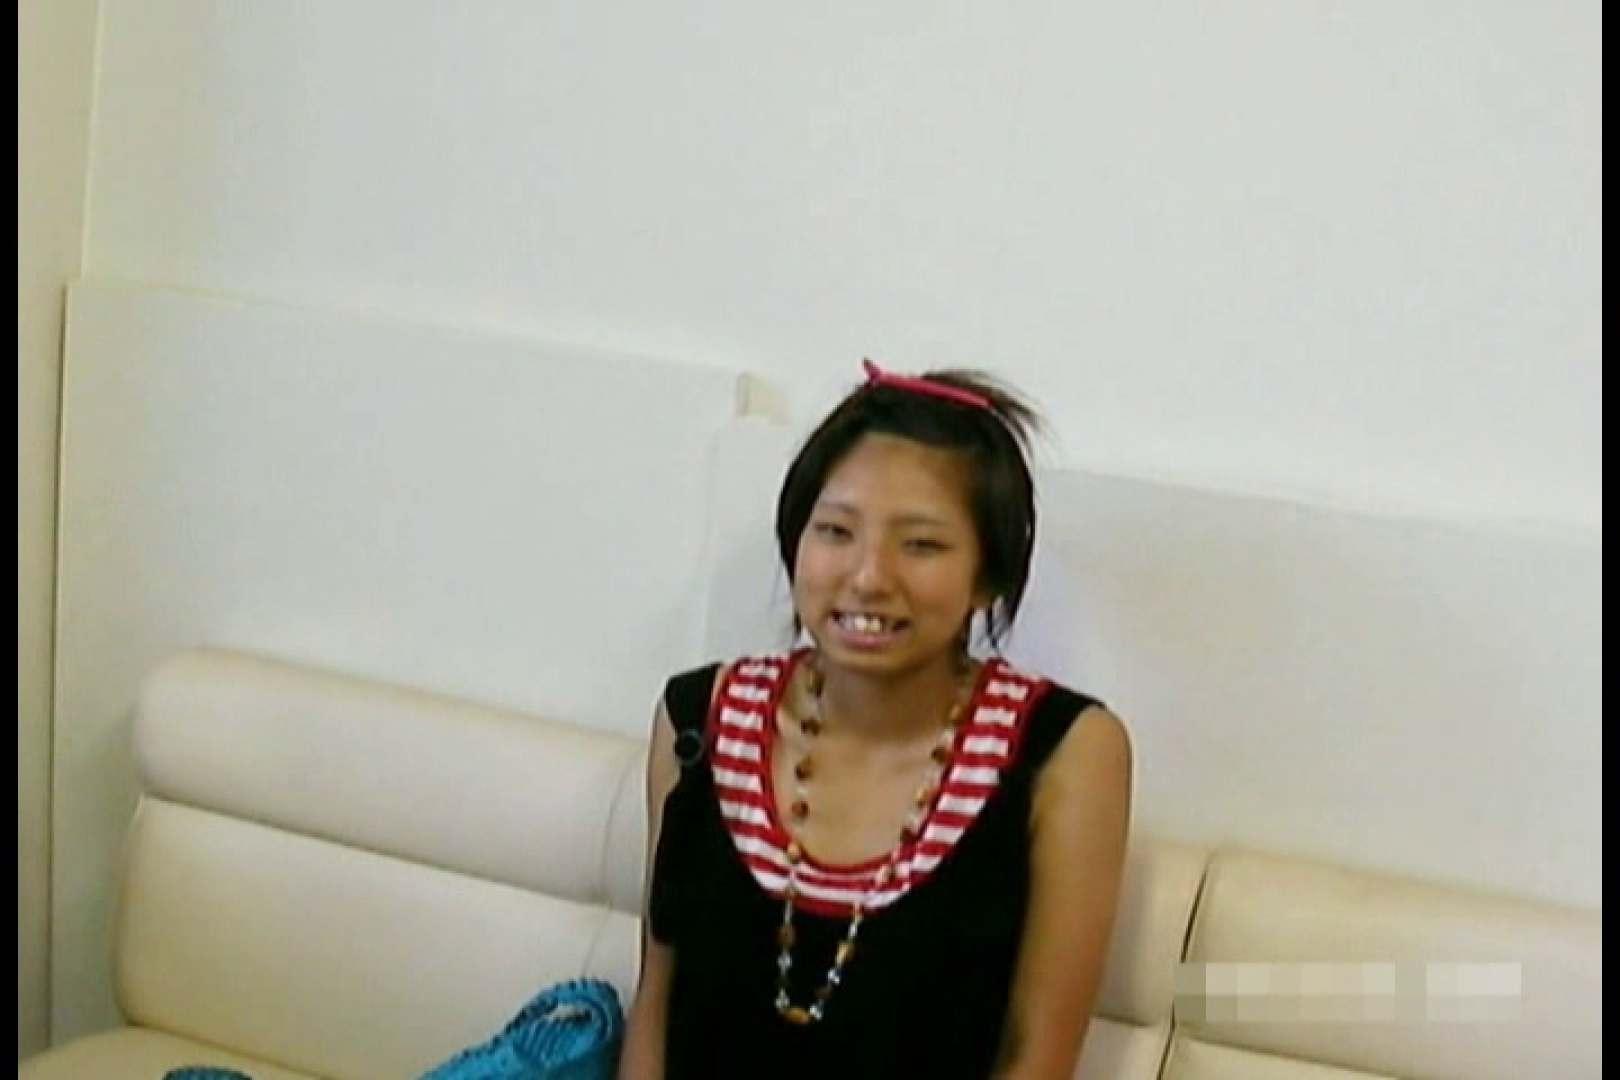 素人撮影 下着だけの撮影のはずが・・・エミちゃん18歳 素人のぞき エロ画像 65pic 2